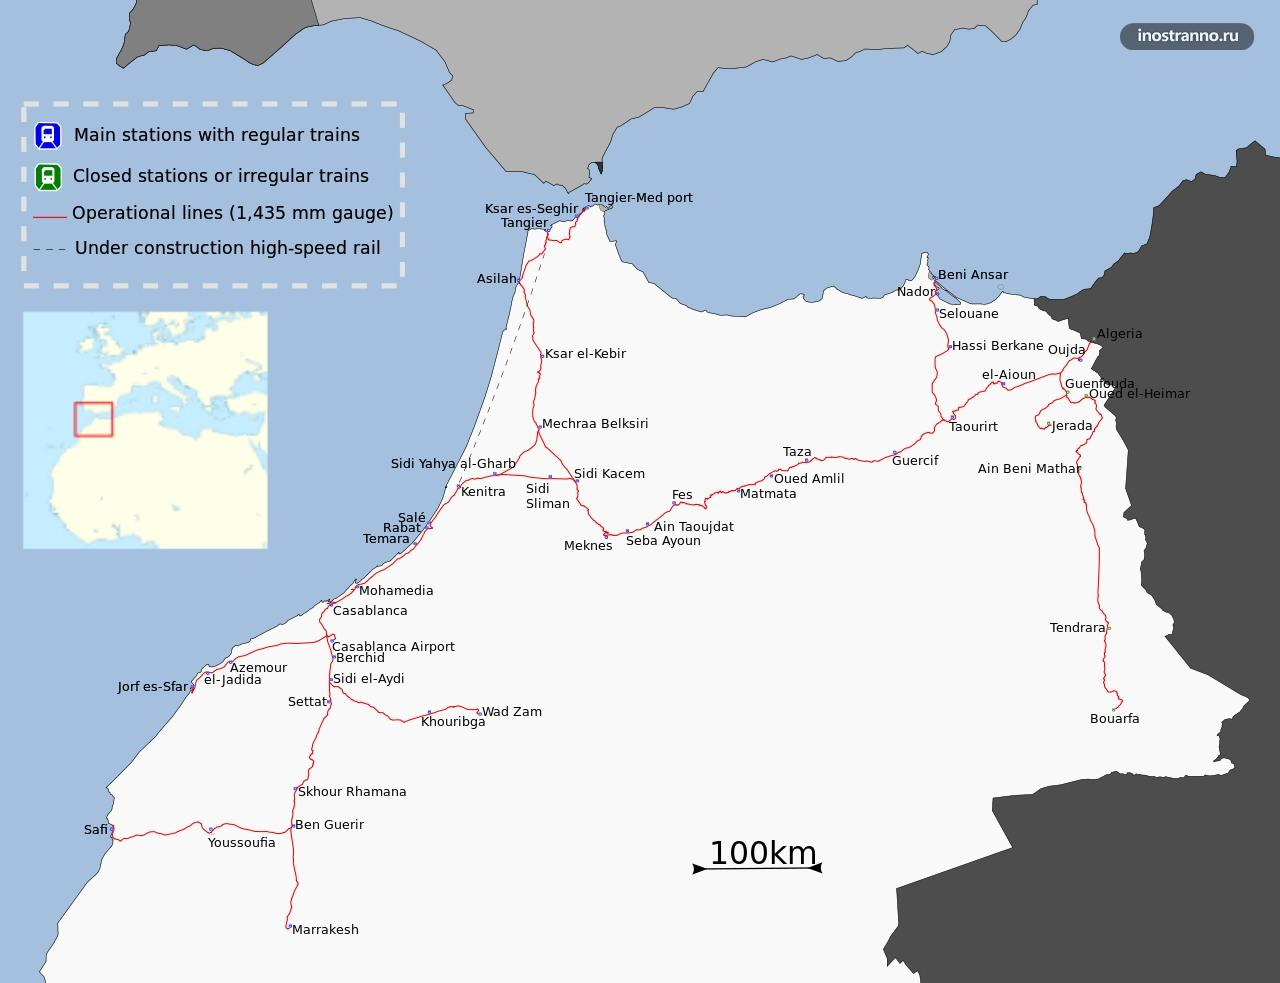 Маршрутная сеть железнодорожного транспорта в Марокко